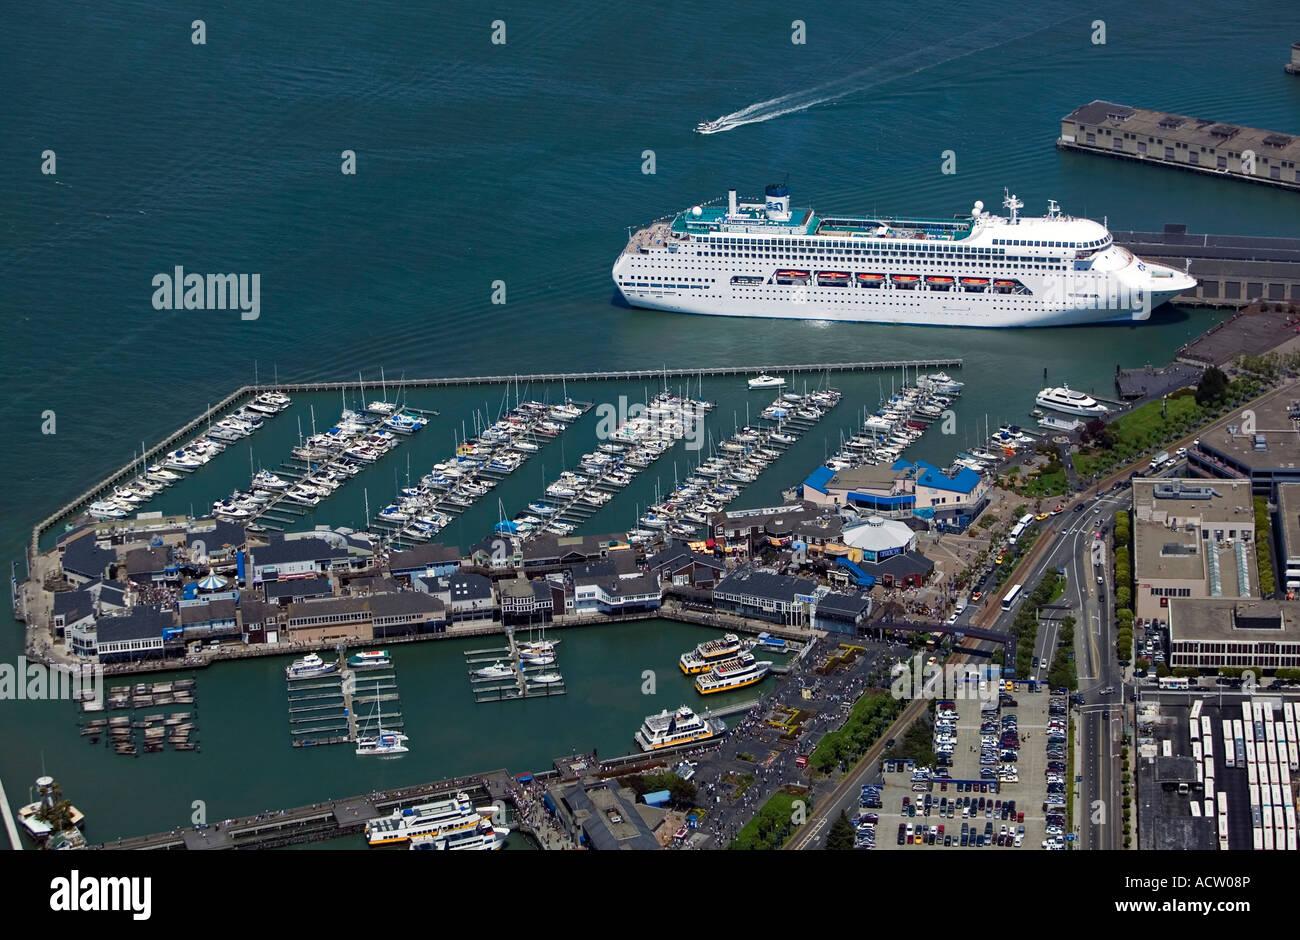 Pier 39 Cruise Deals Mitsubishi L200 Deals Uk